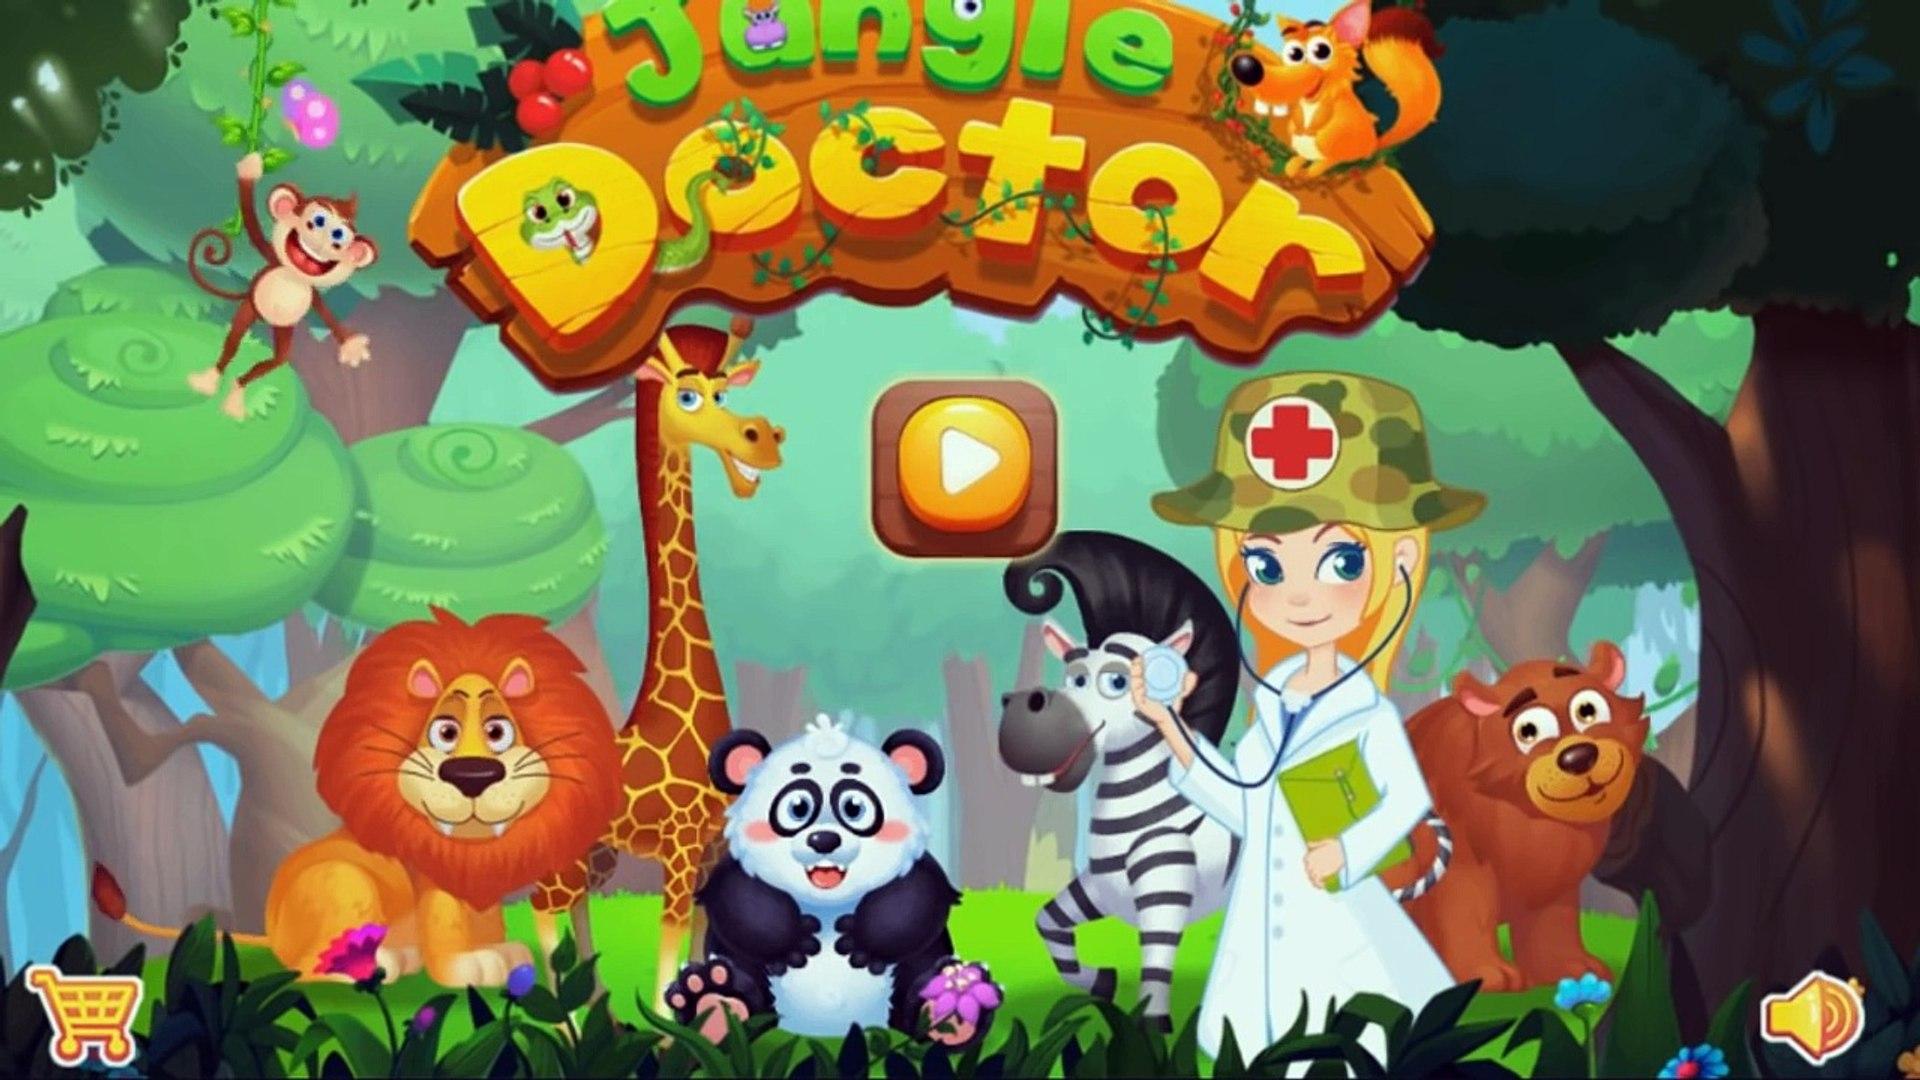 Мультфильм про животных - Маленький ветеринар - Развивающий мультфильм про лечение животных